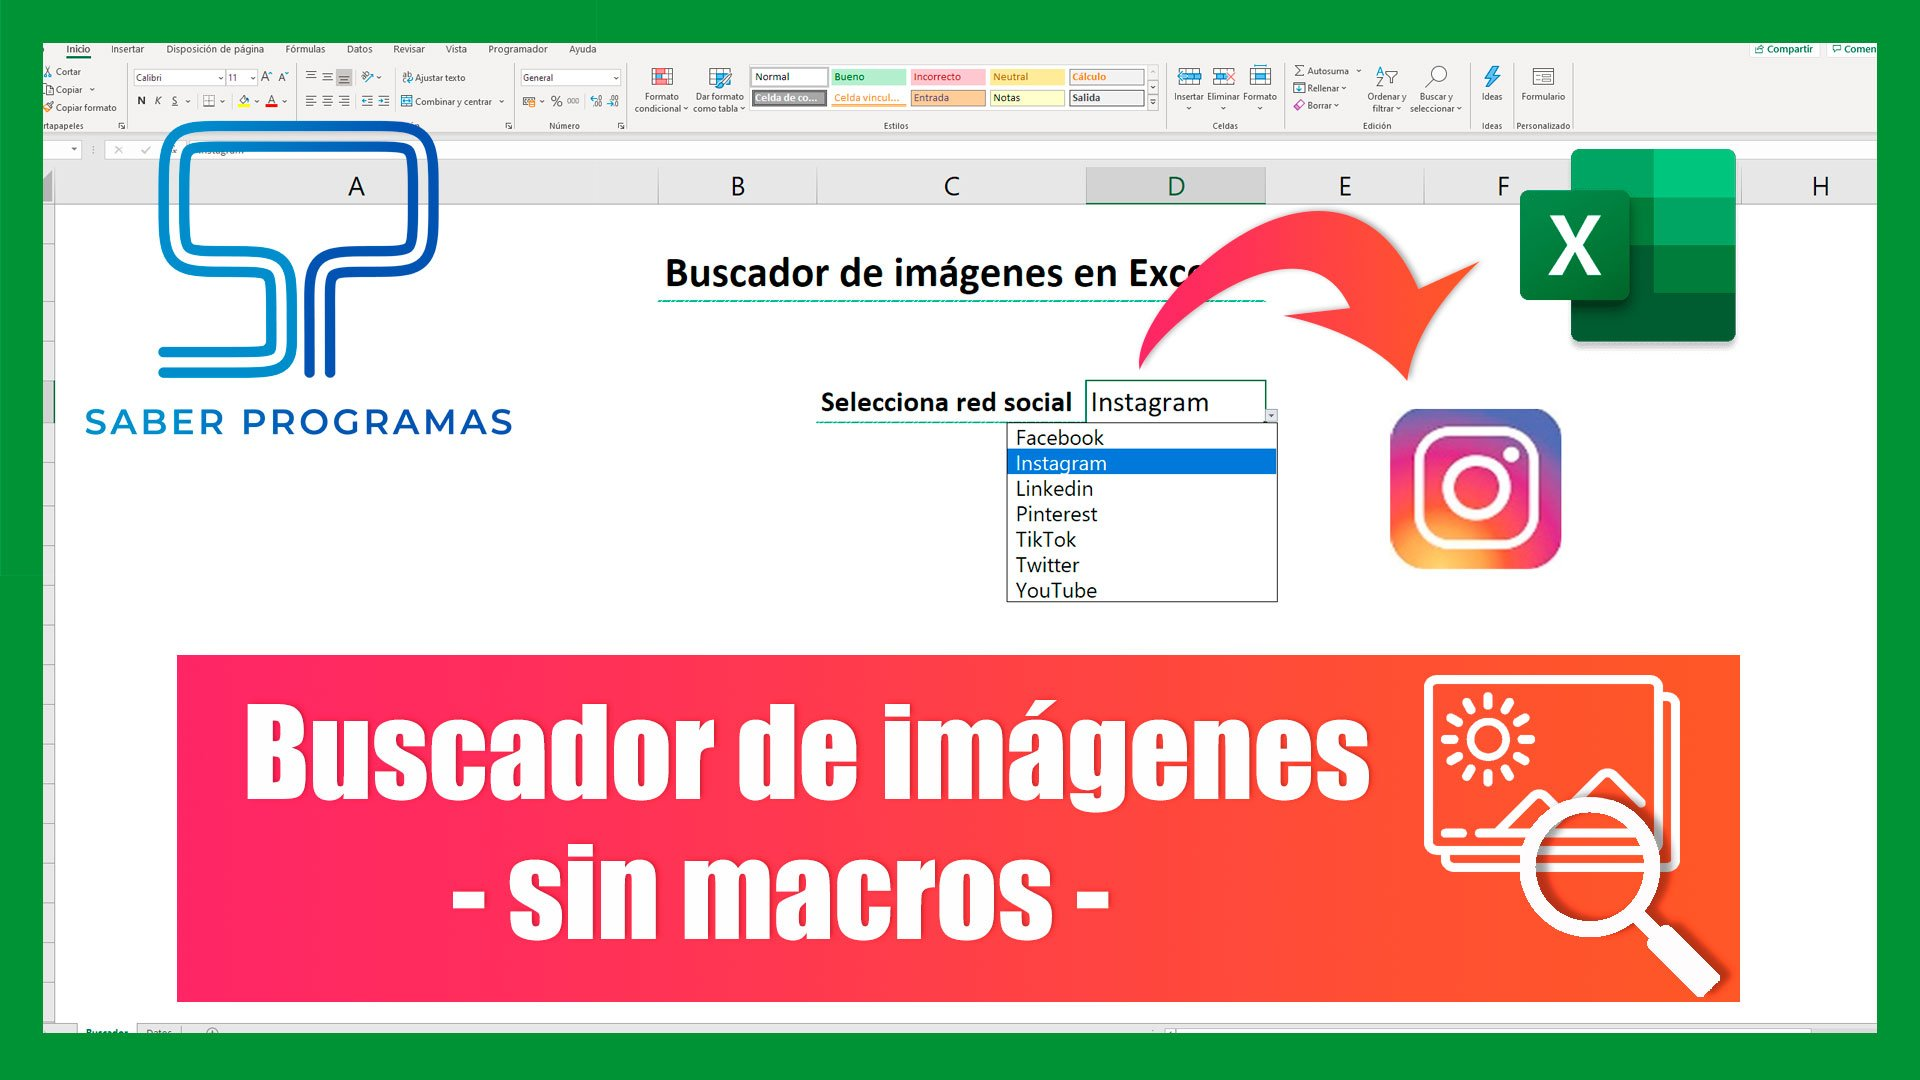 Buscador de imágenes en Excel, sin macros